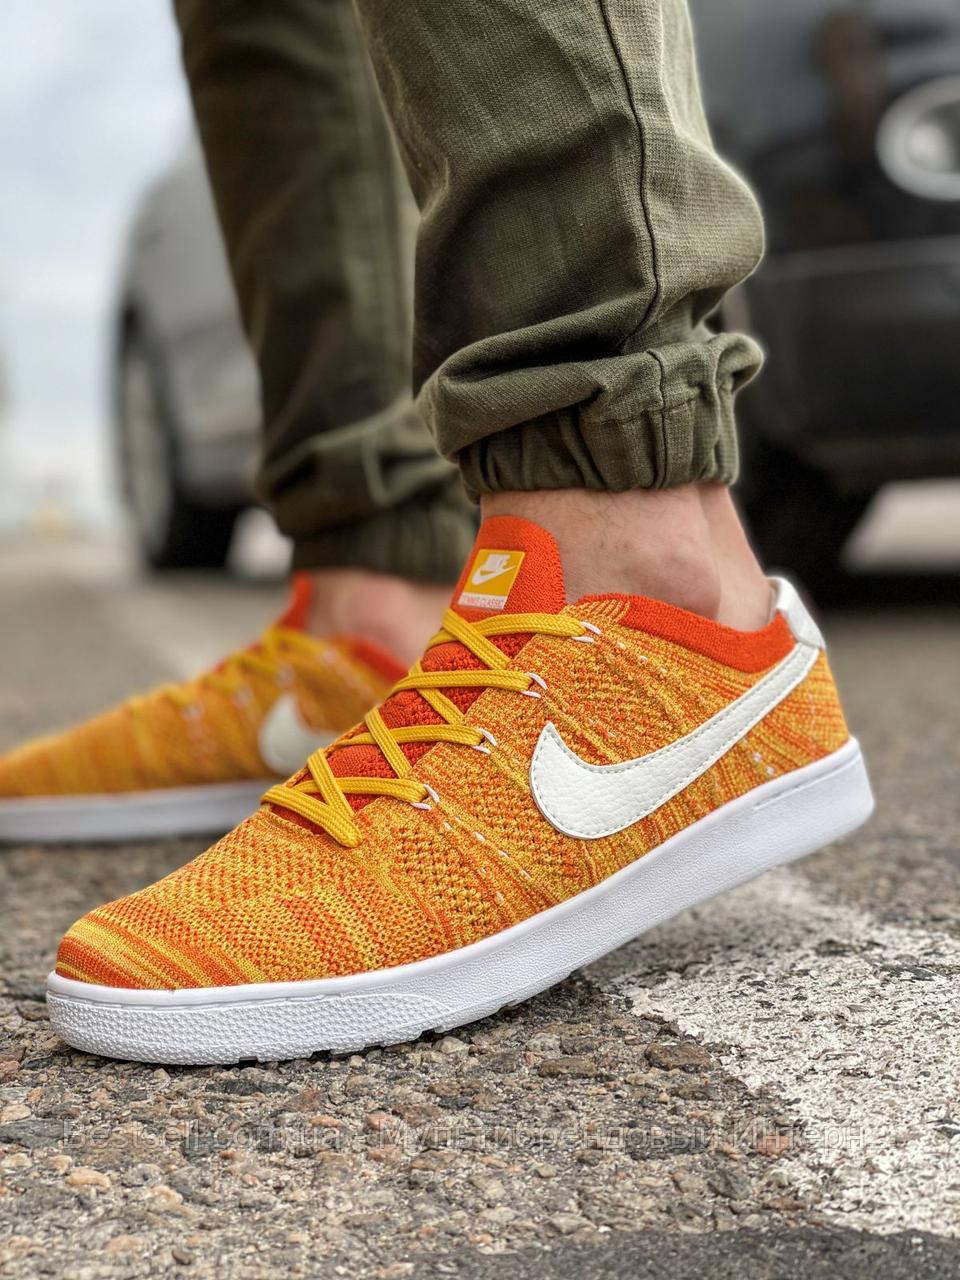 Кроссовки мужские 18082, Nike Tennis Classic Ultra Flyknit, оранжевые, [ 41 42 43 45 ] р. 41-26,5см.